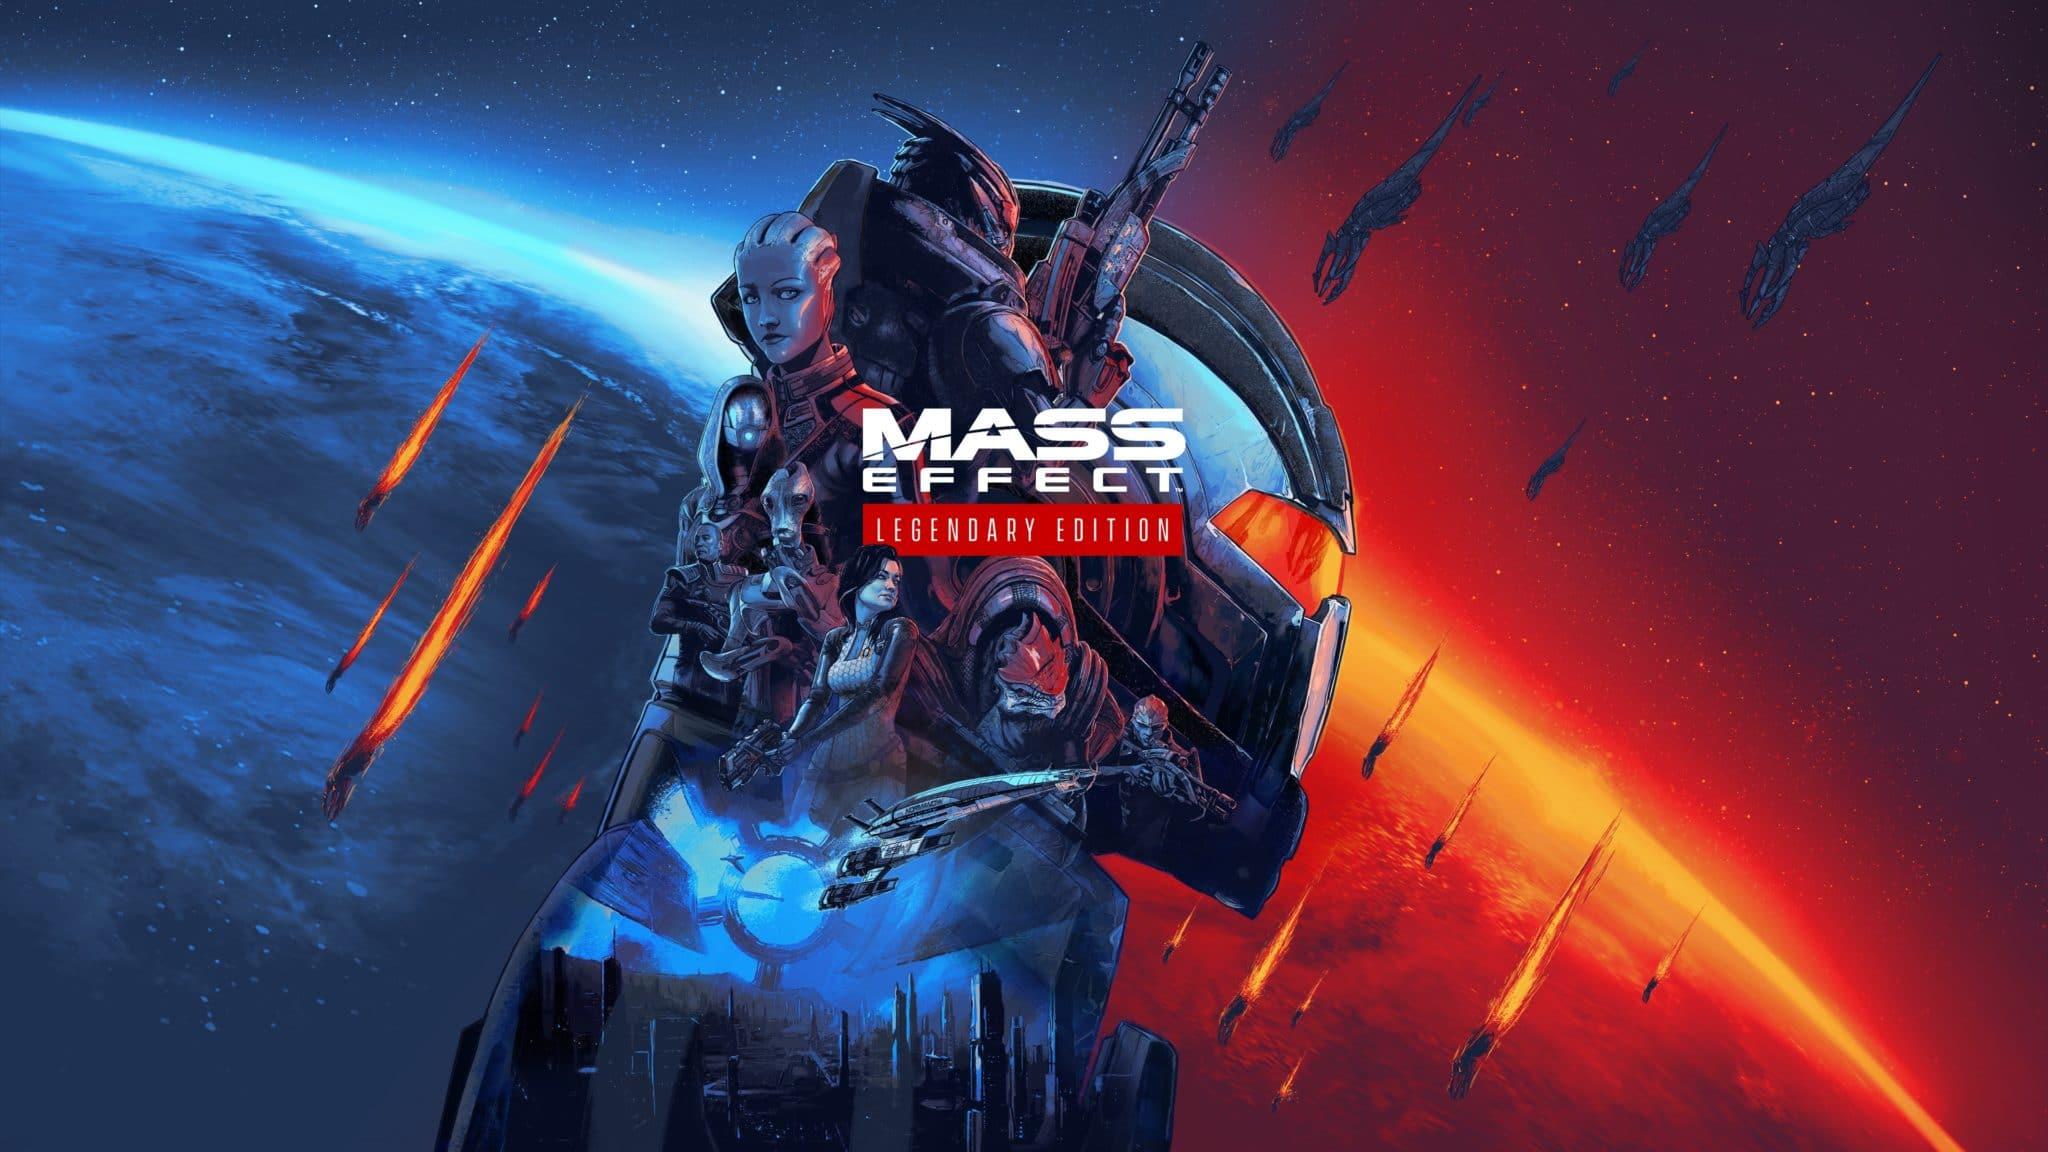 Mass Effect Édition Légendaire - artwork logo